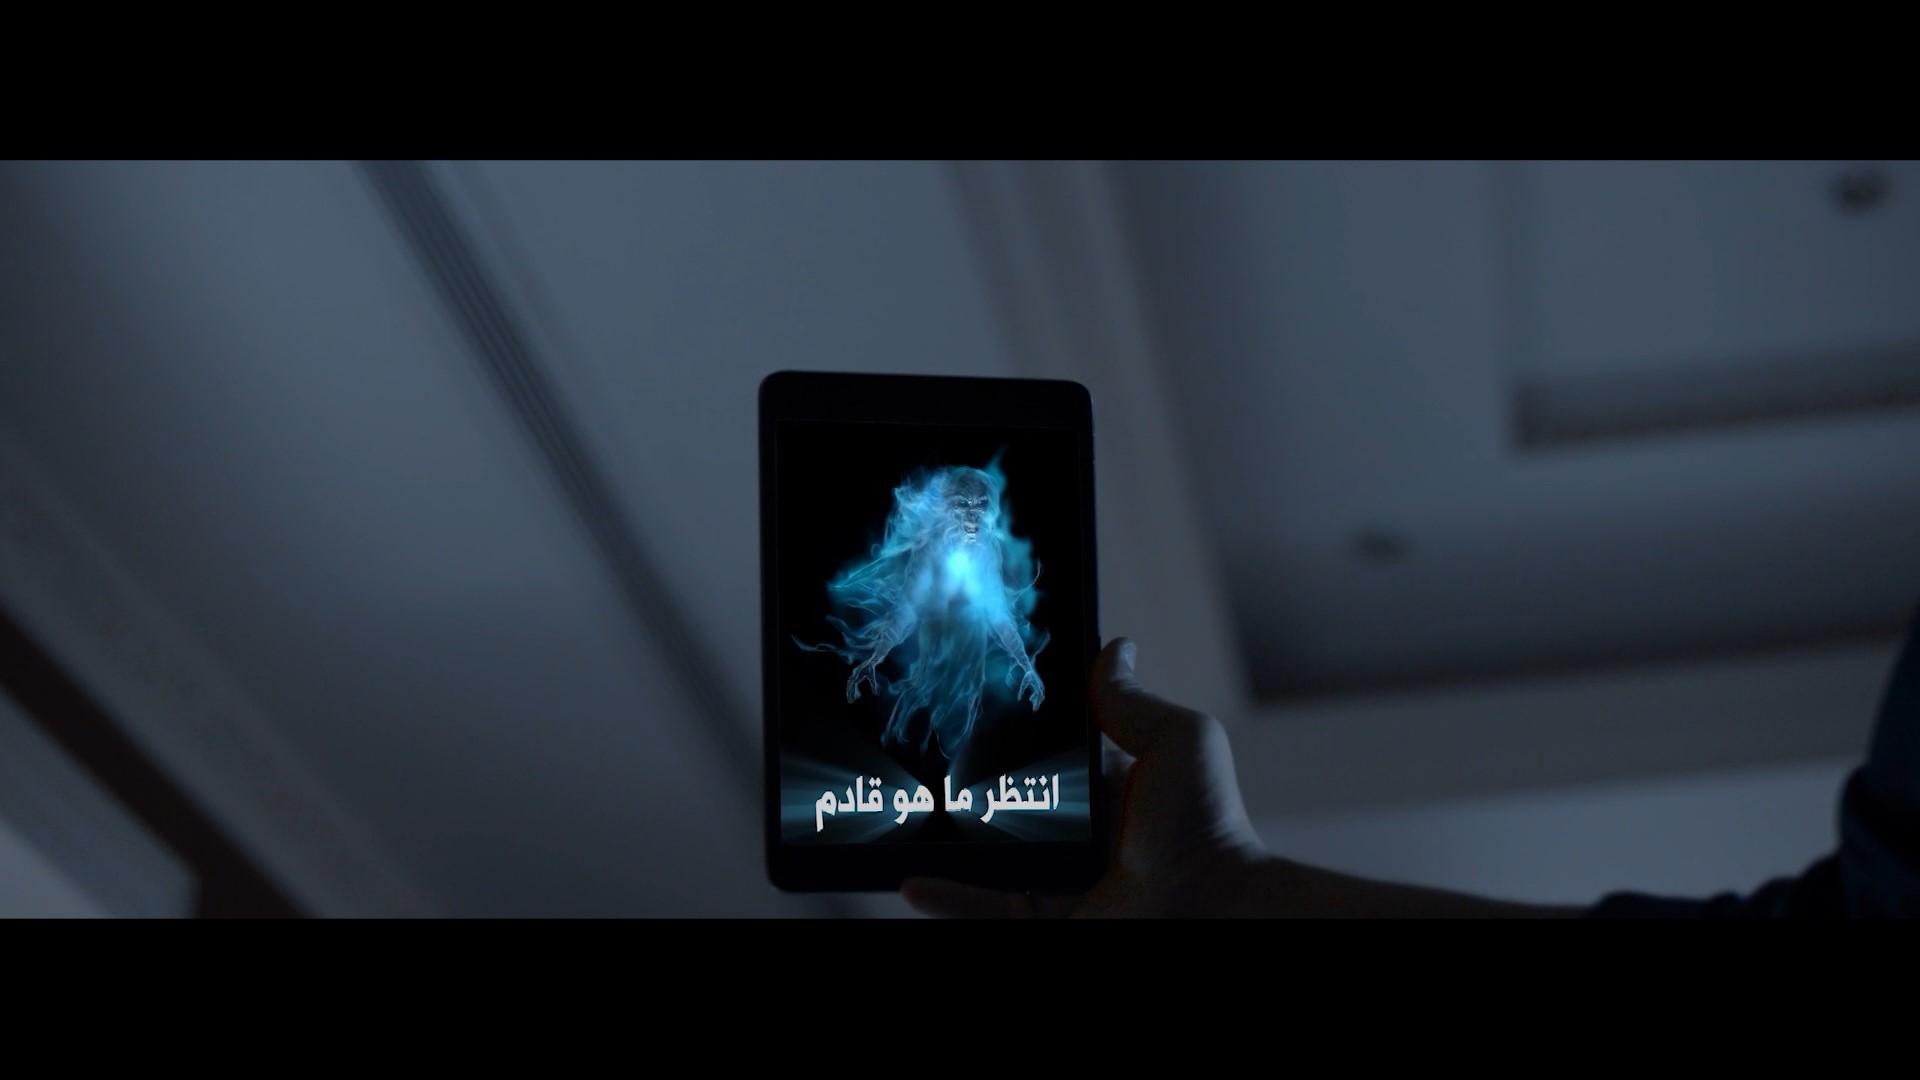 [فيلم][تورنت][تحميل][انتقام سري][2019][1080p][HDTV][سعودي] 5 arabp2p.com